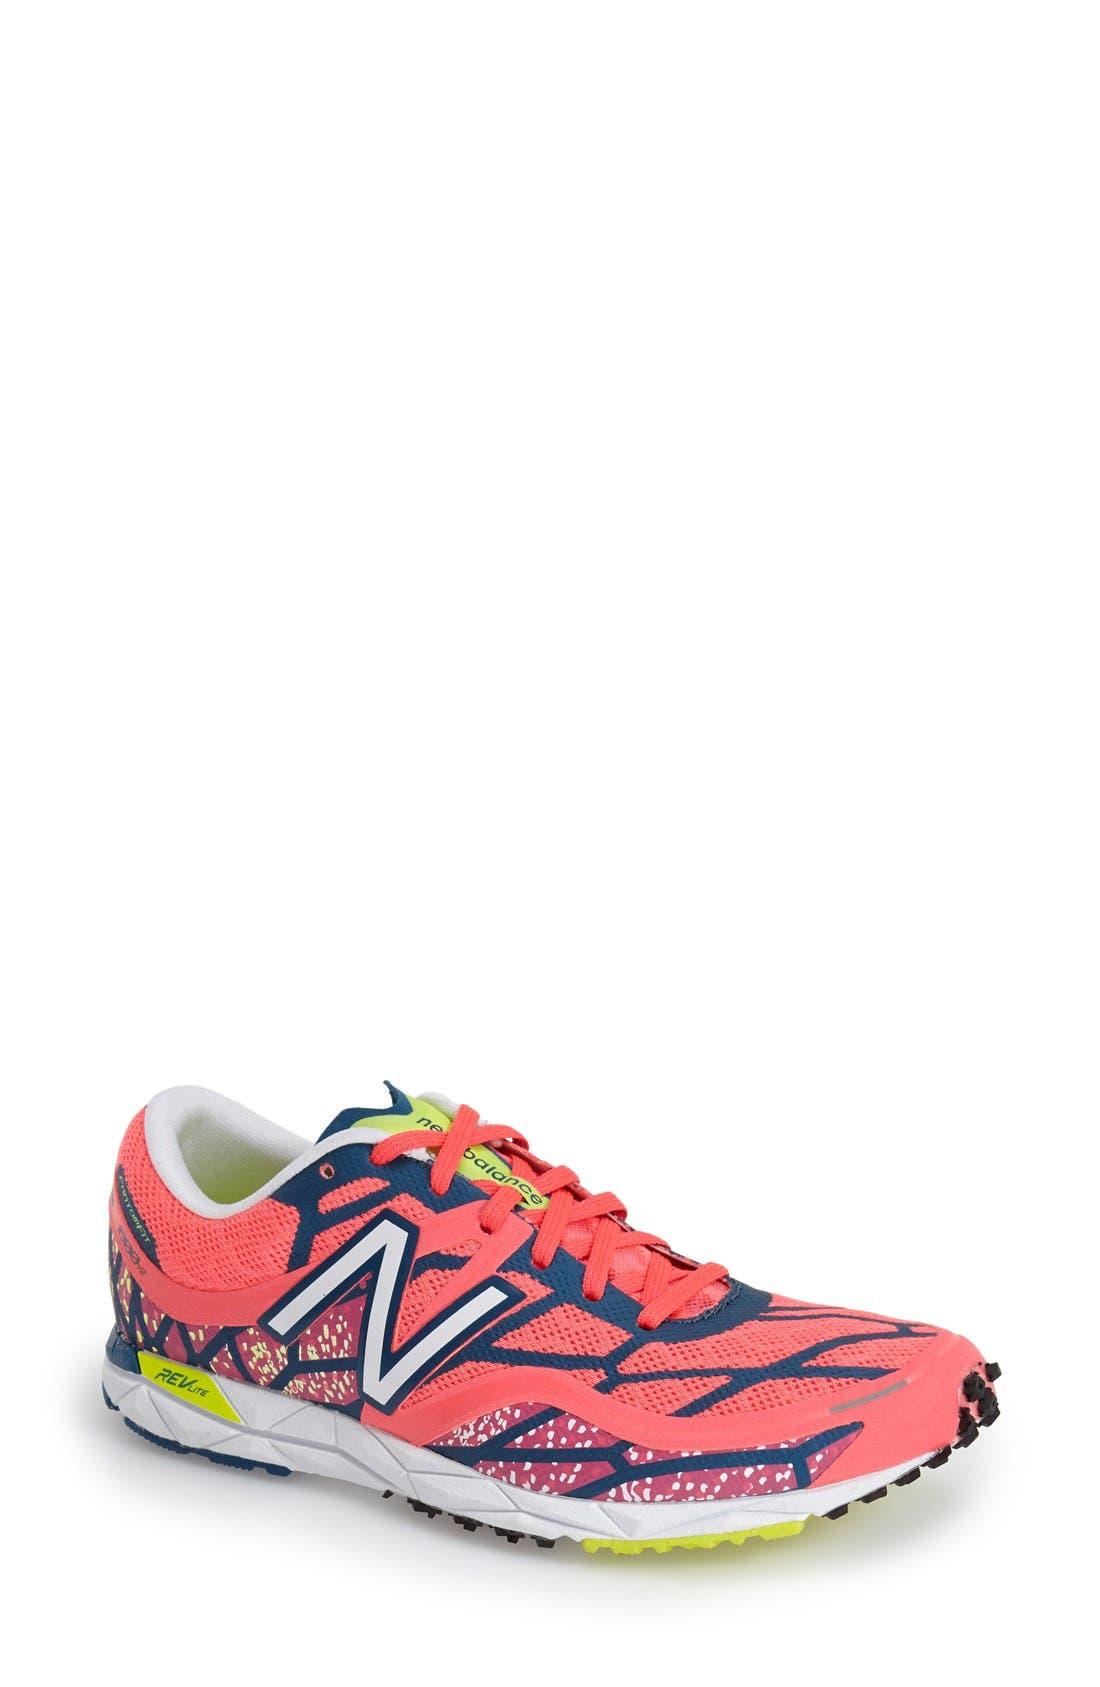 Main Image - New Balance '1600' Running Shoe (Women)